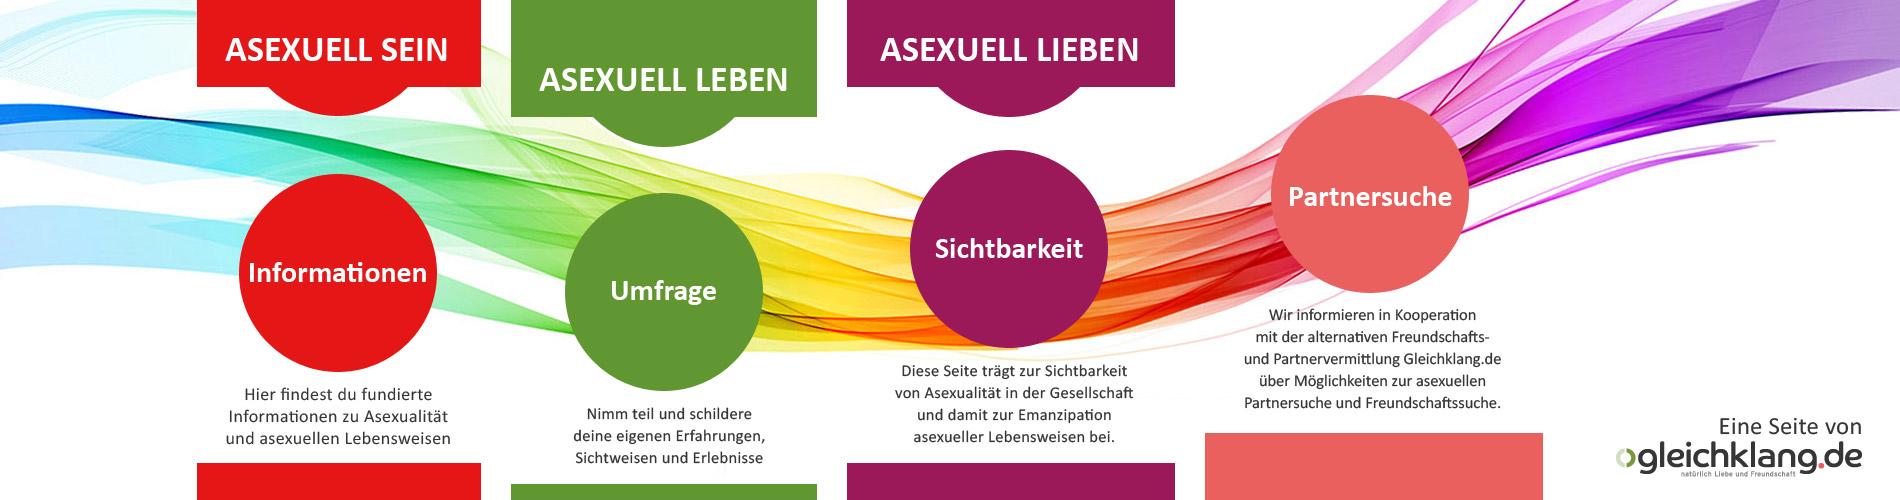 ASEXUELL - Infos zu Asexualität und asexueller Partnersuche